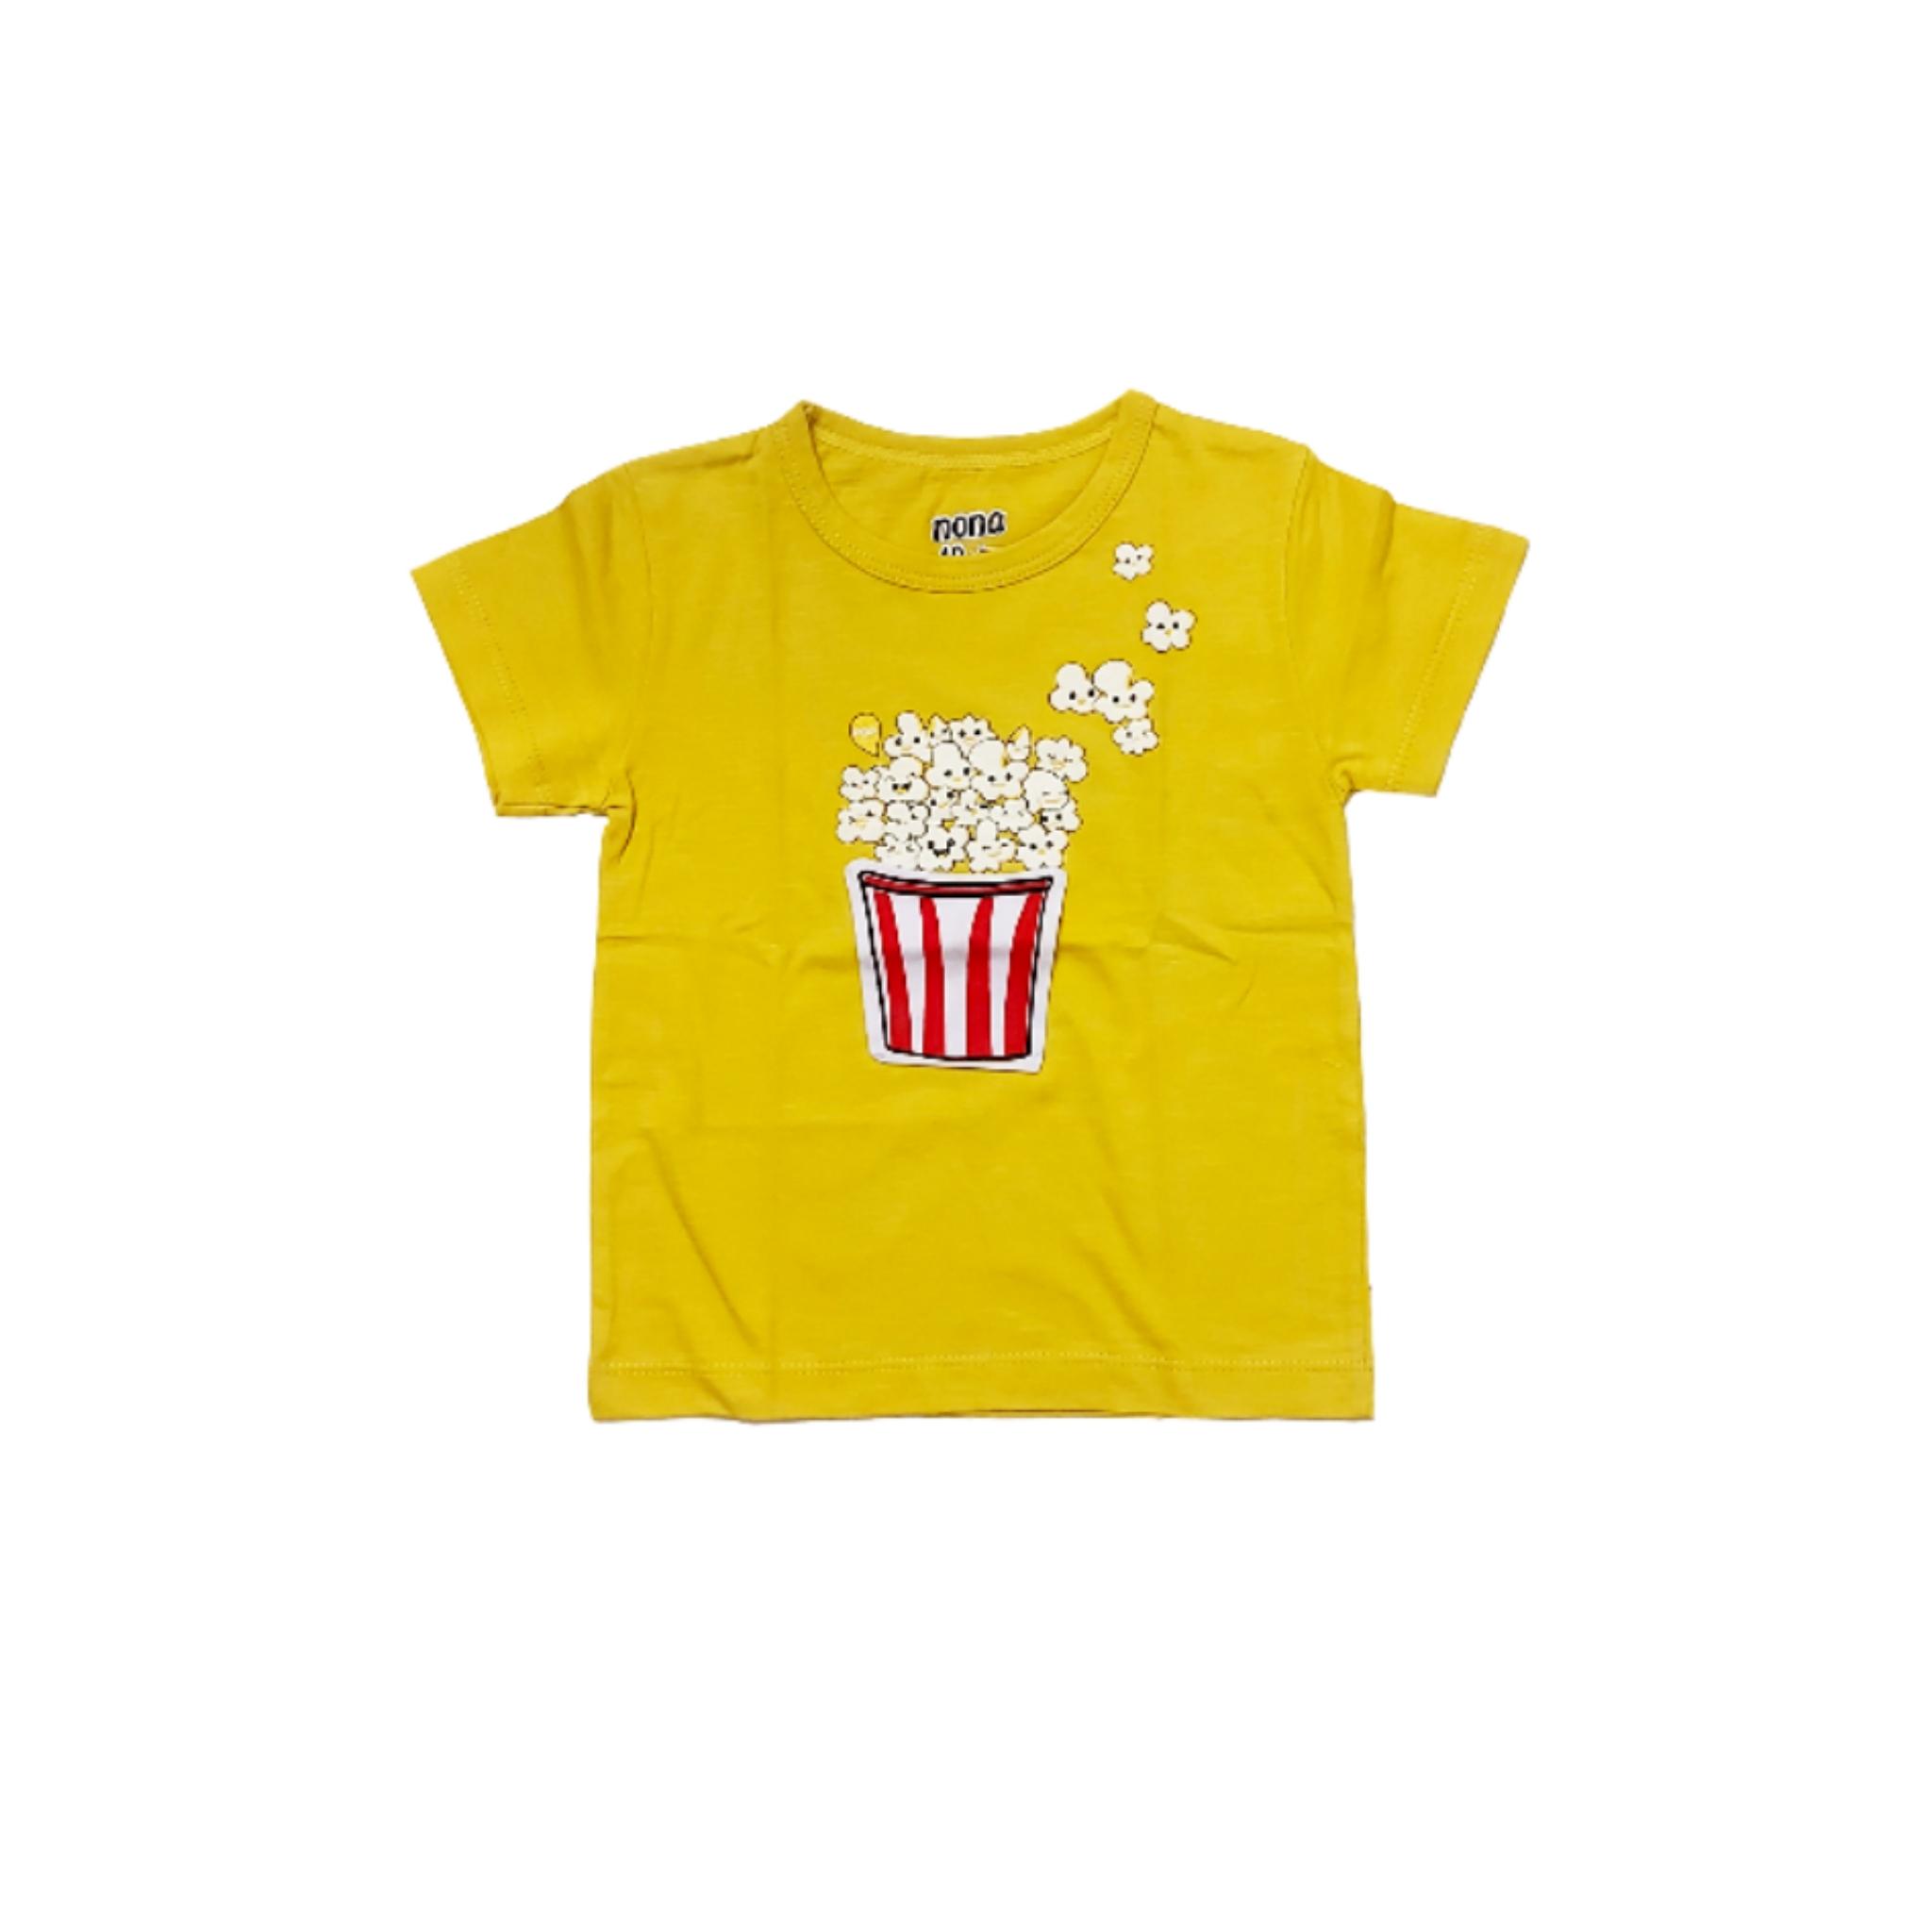 تی شرت آستین کوتاه بچگانه مدل پاپ کورن کد 0117